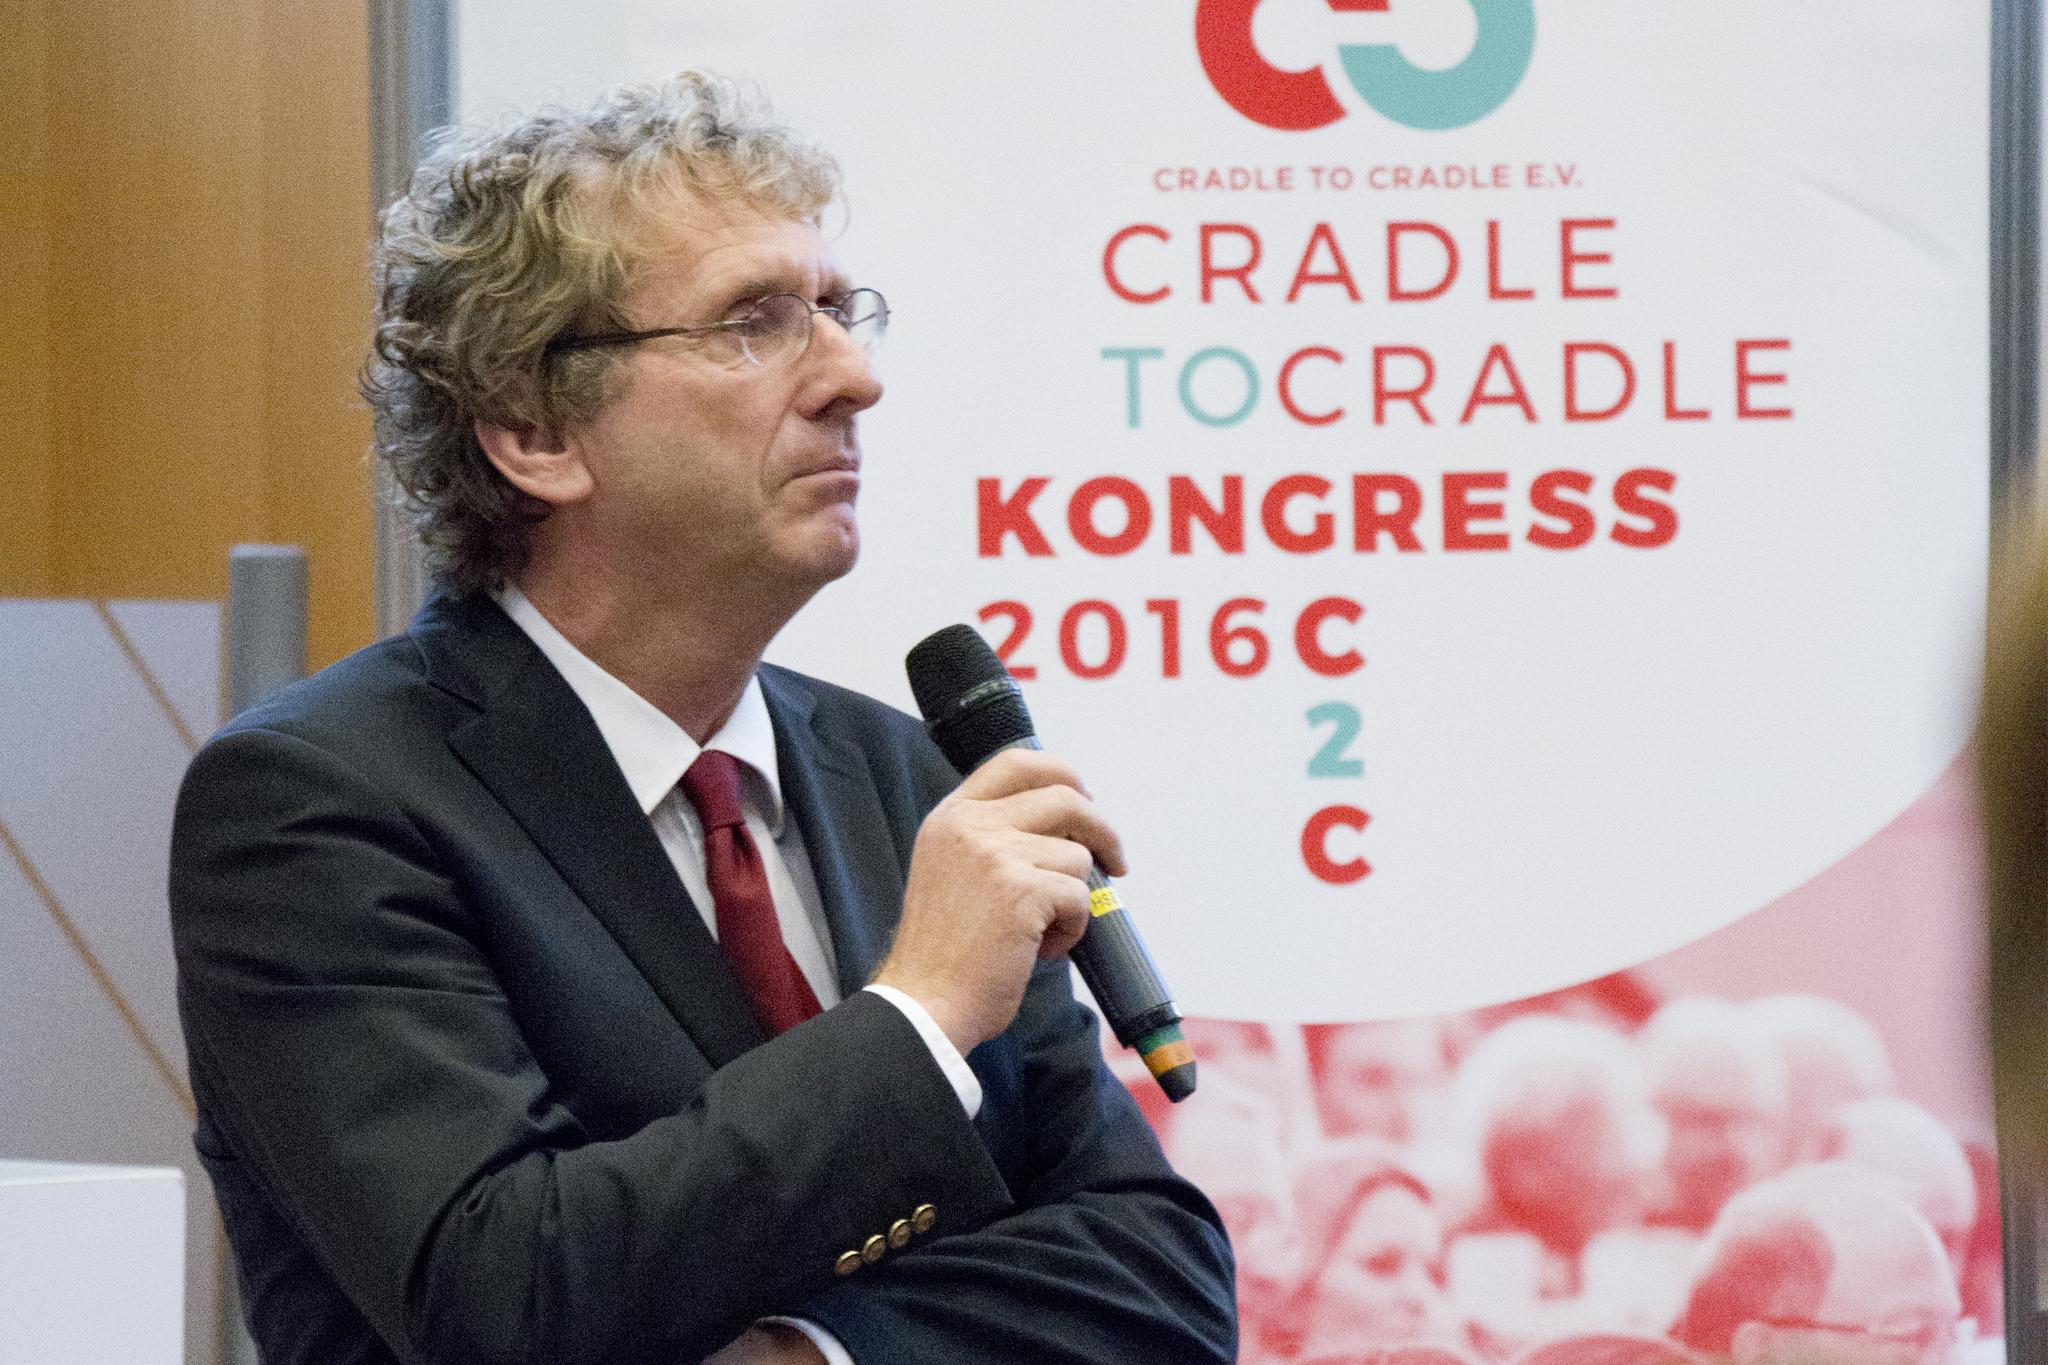 ökoRAUSCH Blog – Craddle to Craddle